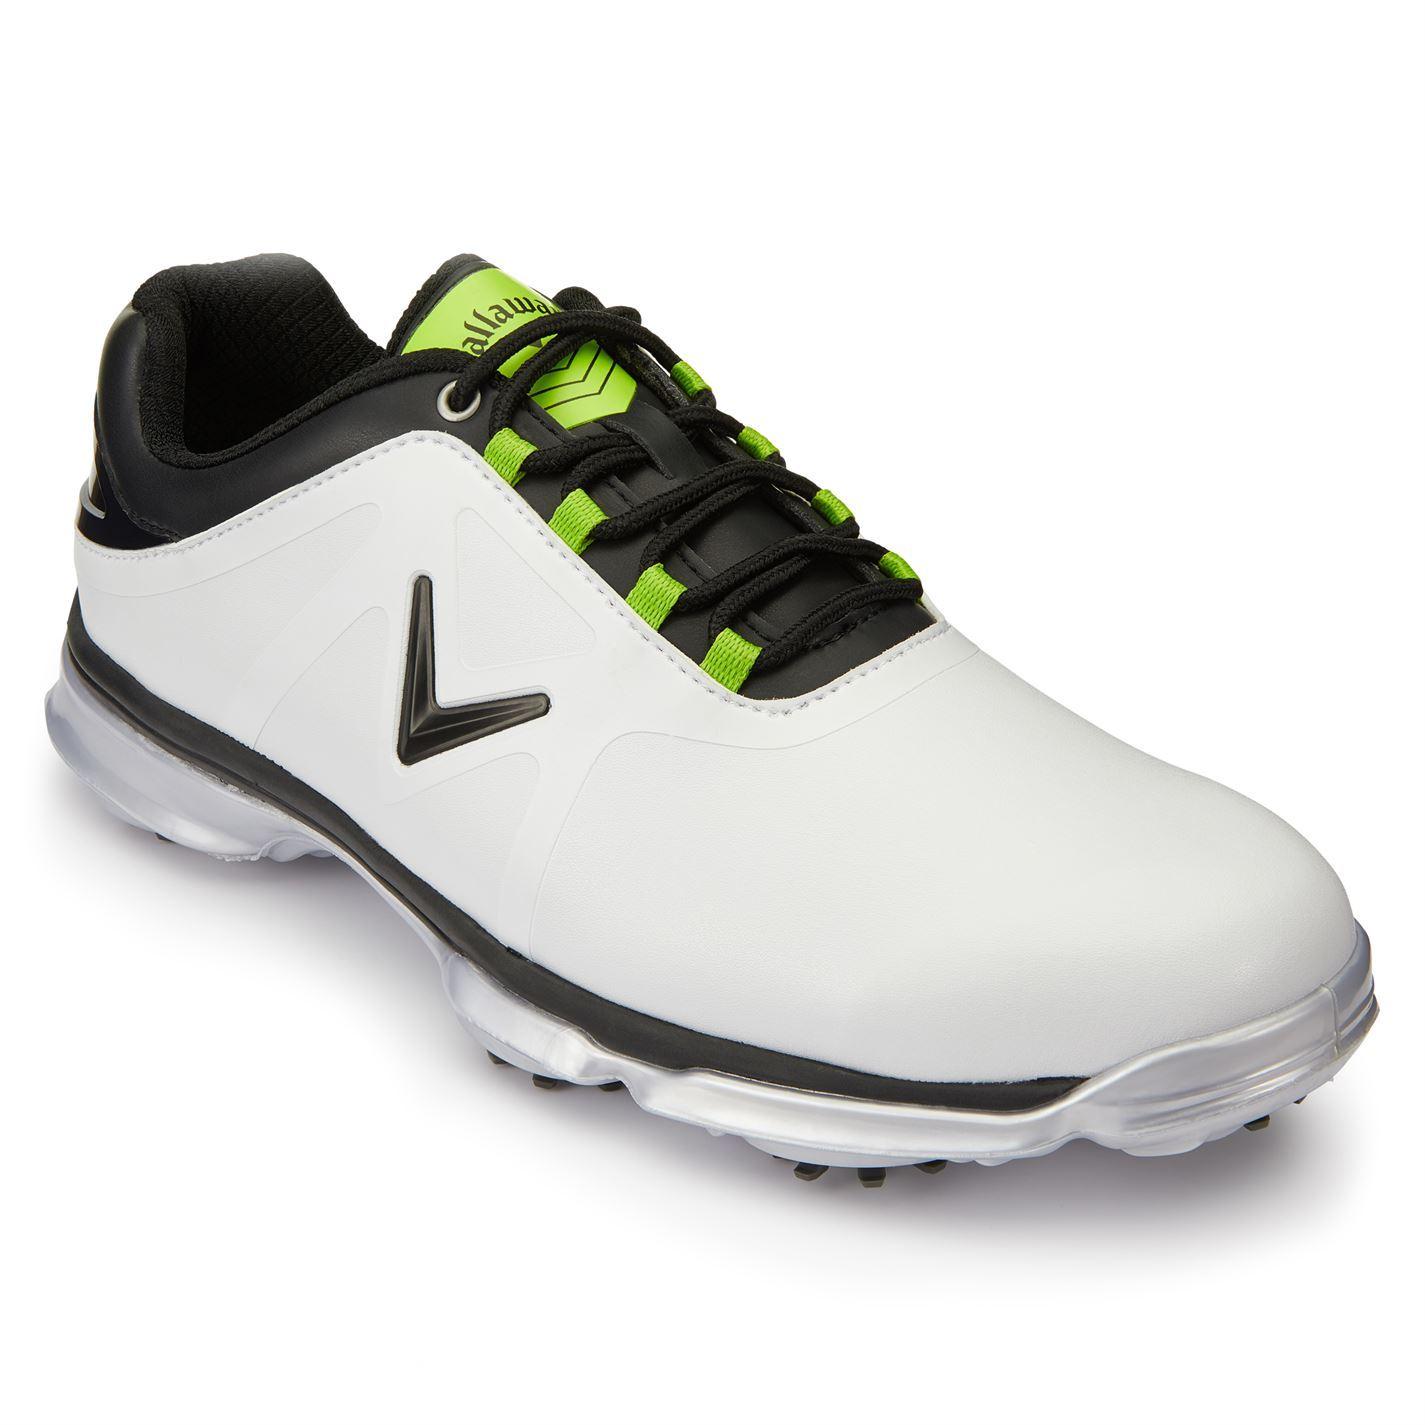 Callaway-XTT-Comfort-Spiked-Golf-Shoes-Mens-Spikes-Footwear thumbnail 19